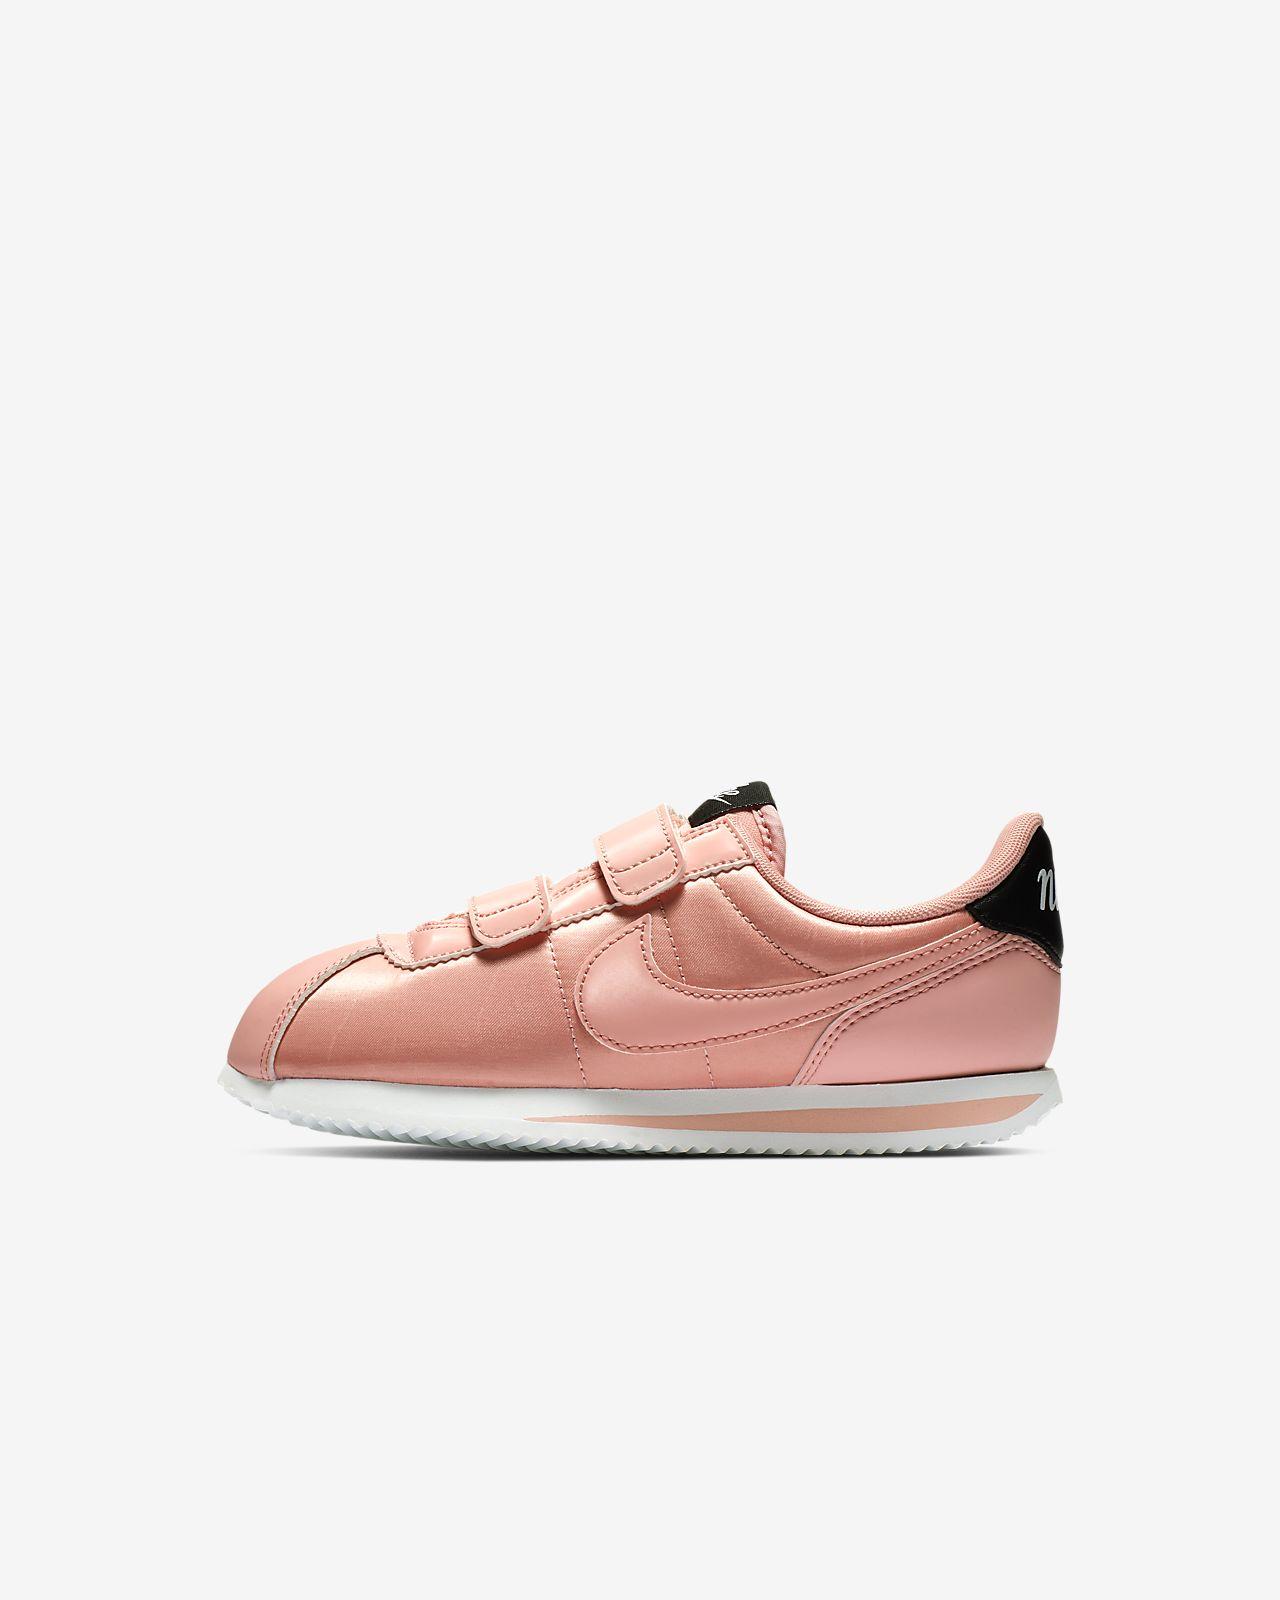 Nike Cortez Basic TXT VDAY(PSV) 幼童运动童鞋